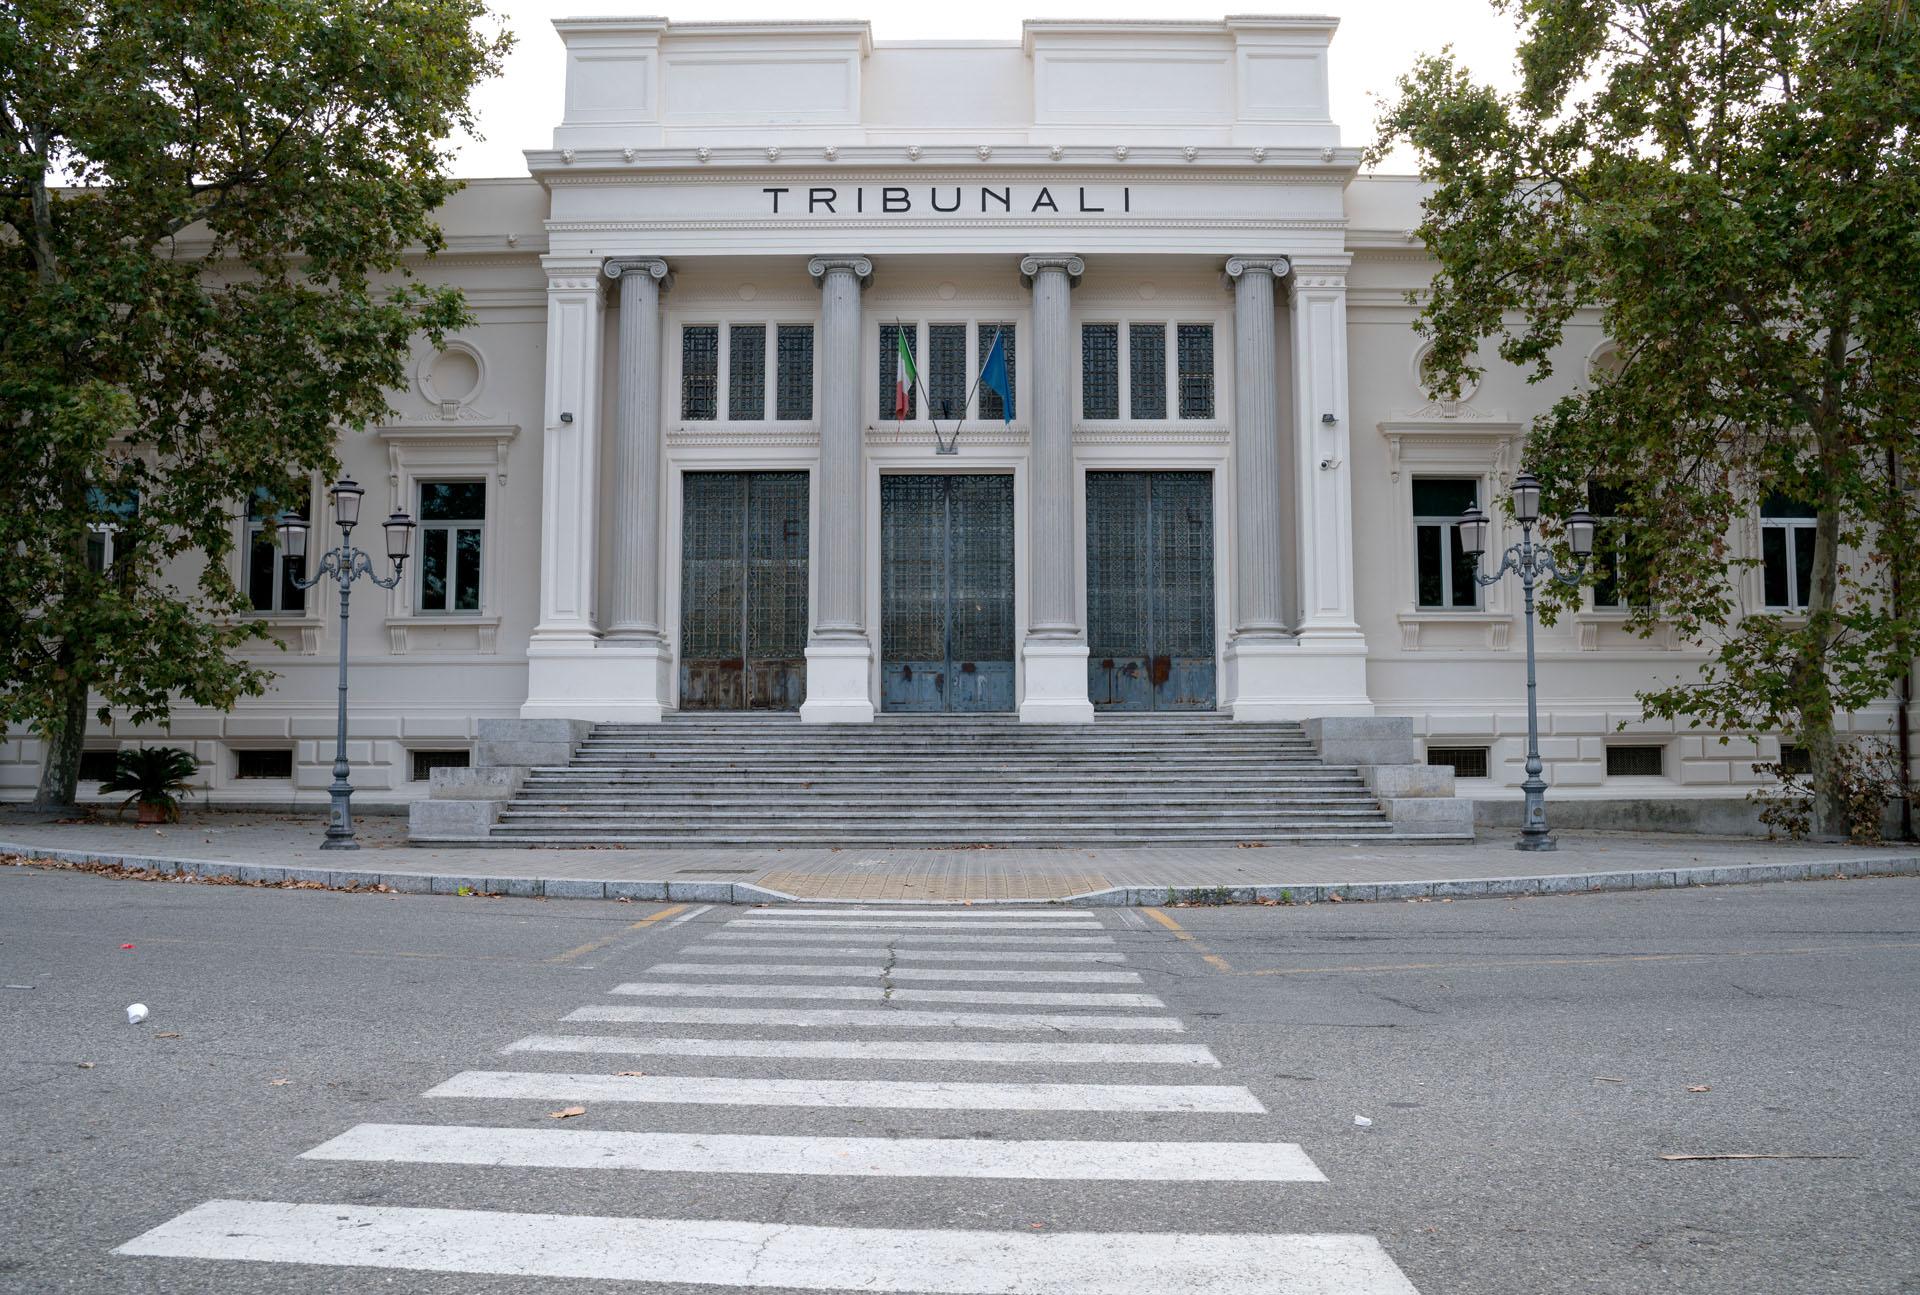 Pettorine di magistrati e avvocati realizzate da donne detenute